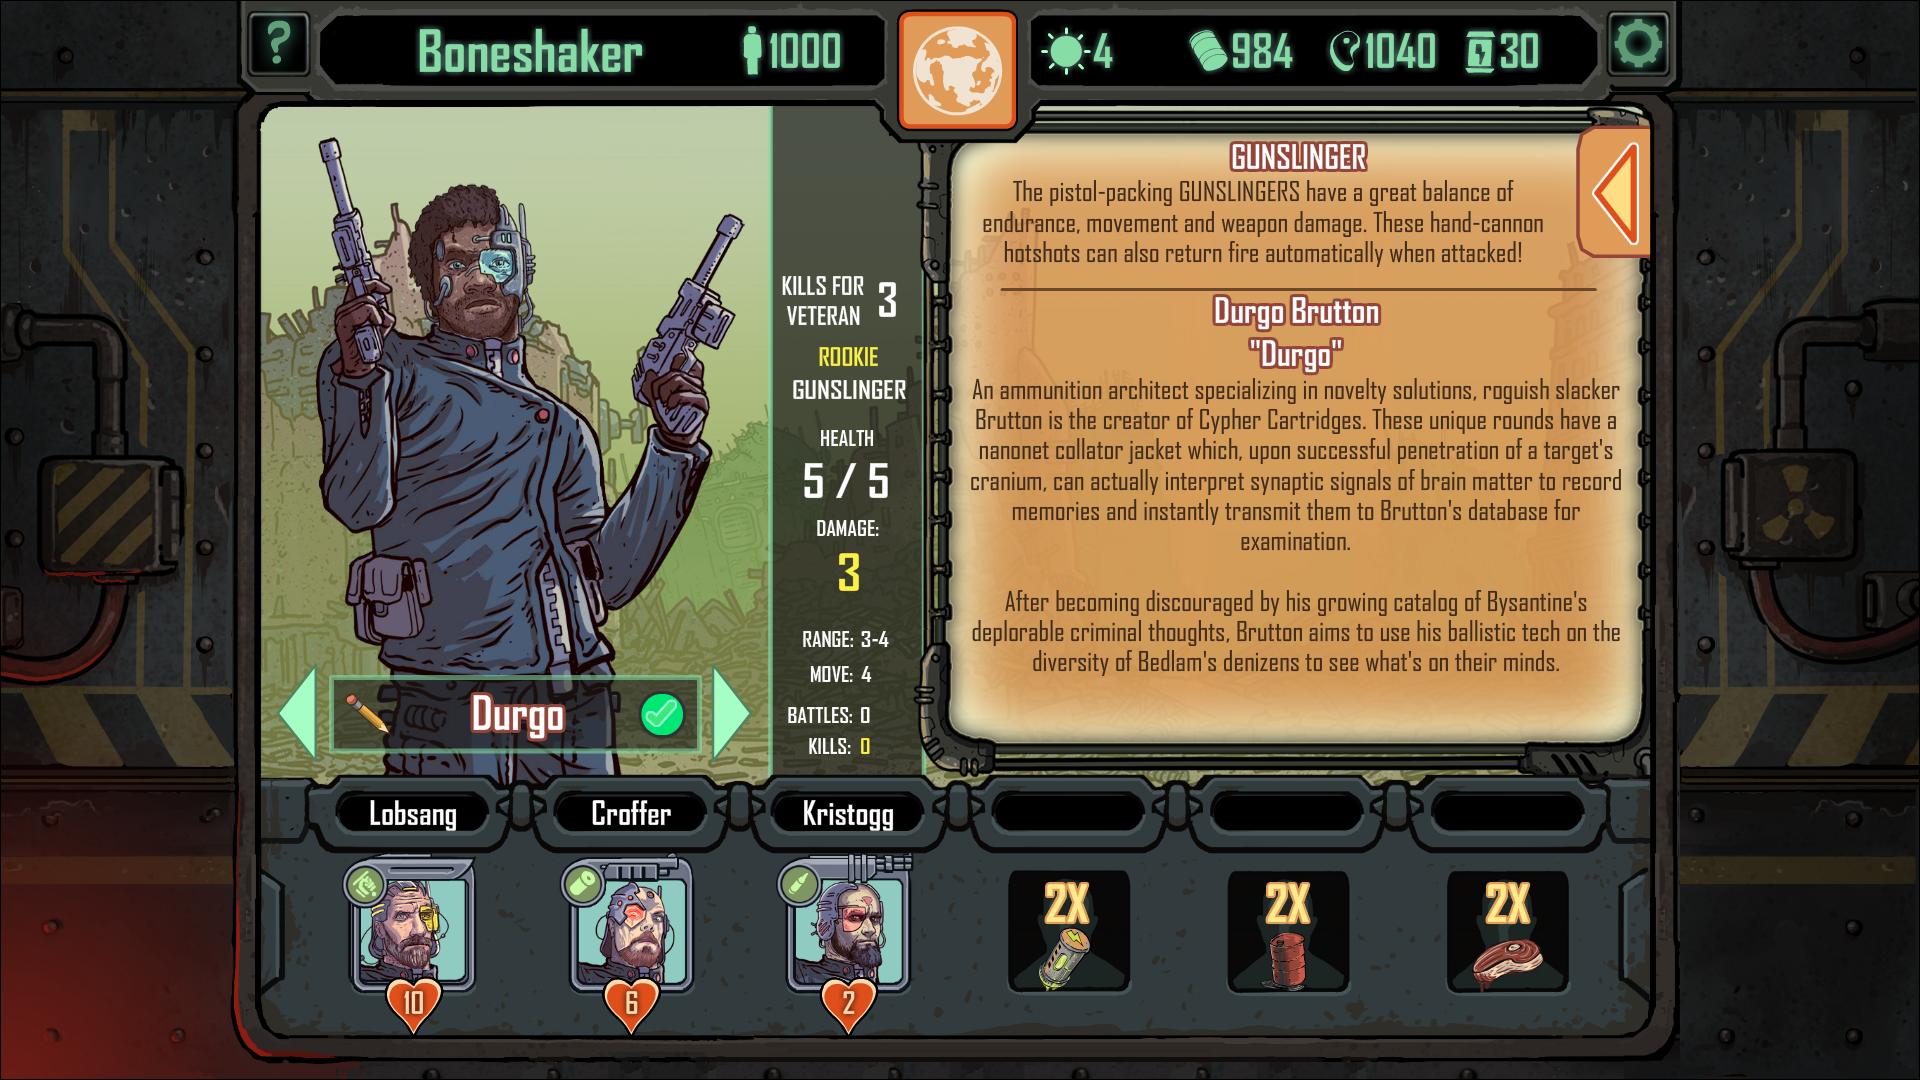 Skyshine's Bedlam Durgo Brutton Bio